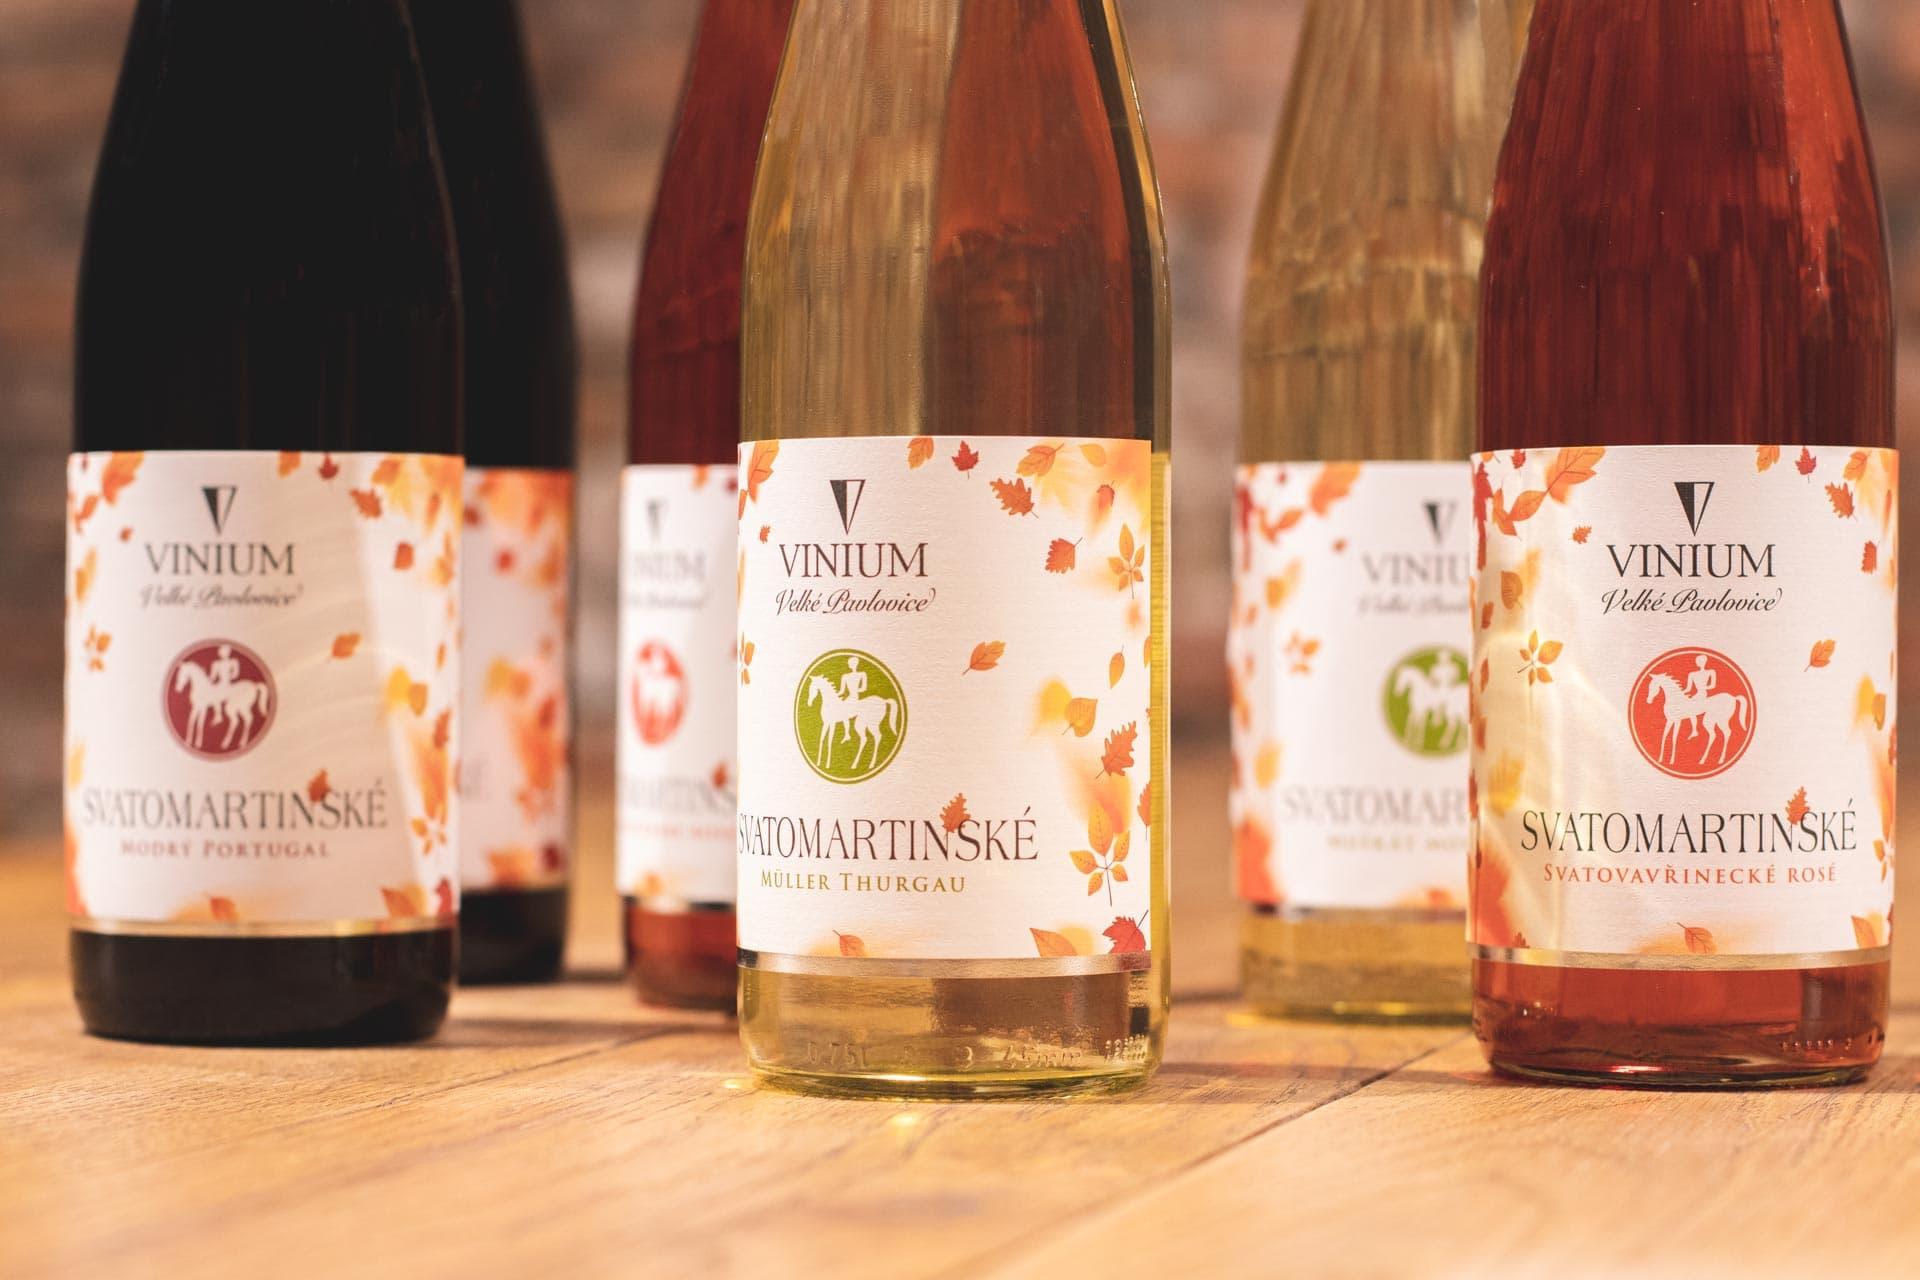 Svatomartinské víno, VINIUM, svatý Martin, mladé víno, bílé víno, červené víno, růžové víno, 3